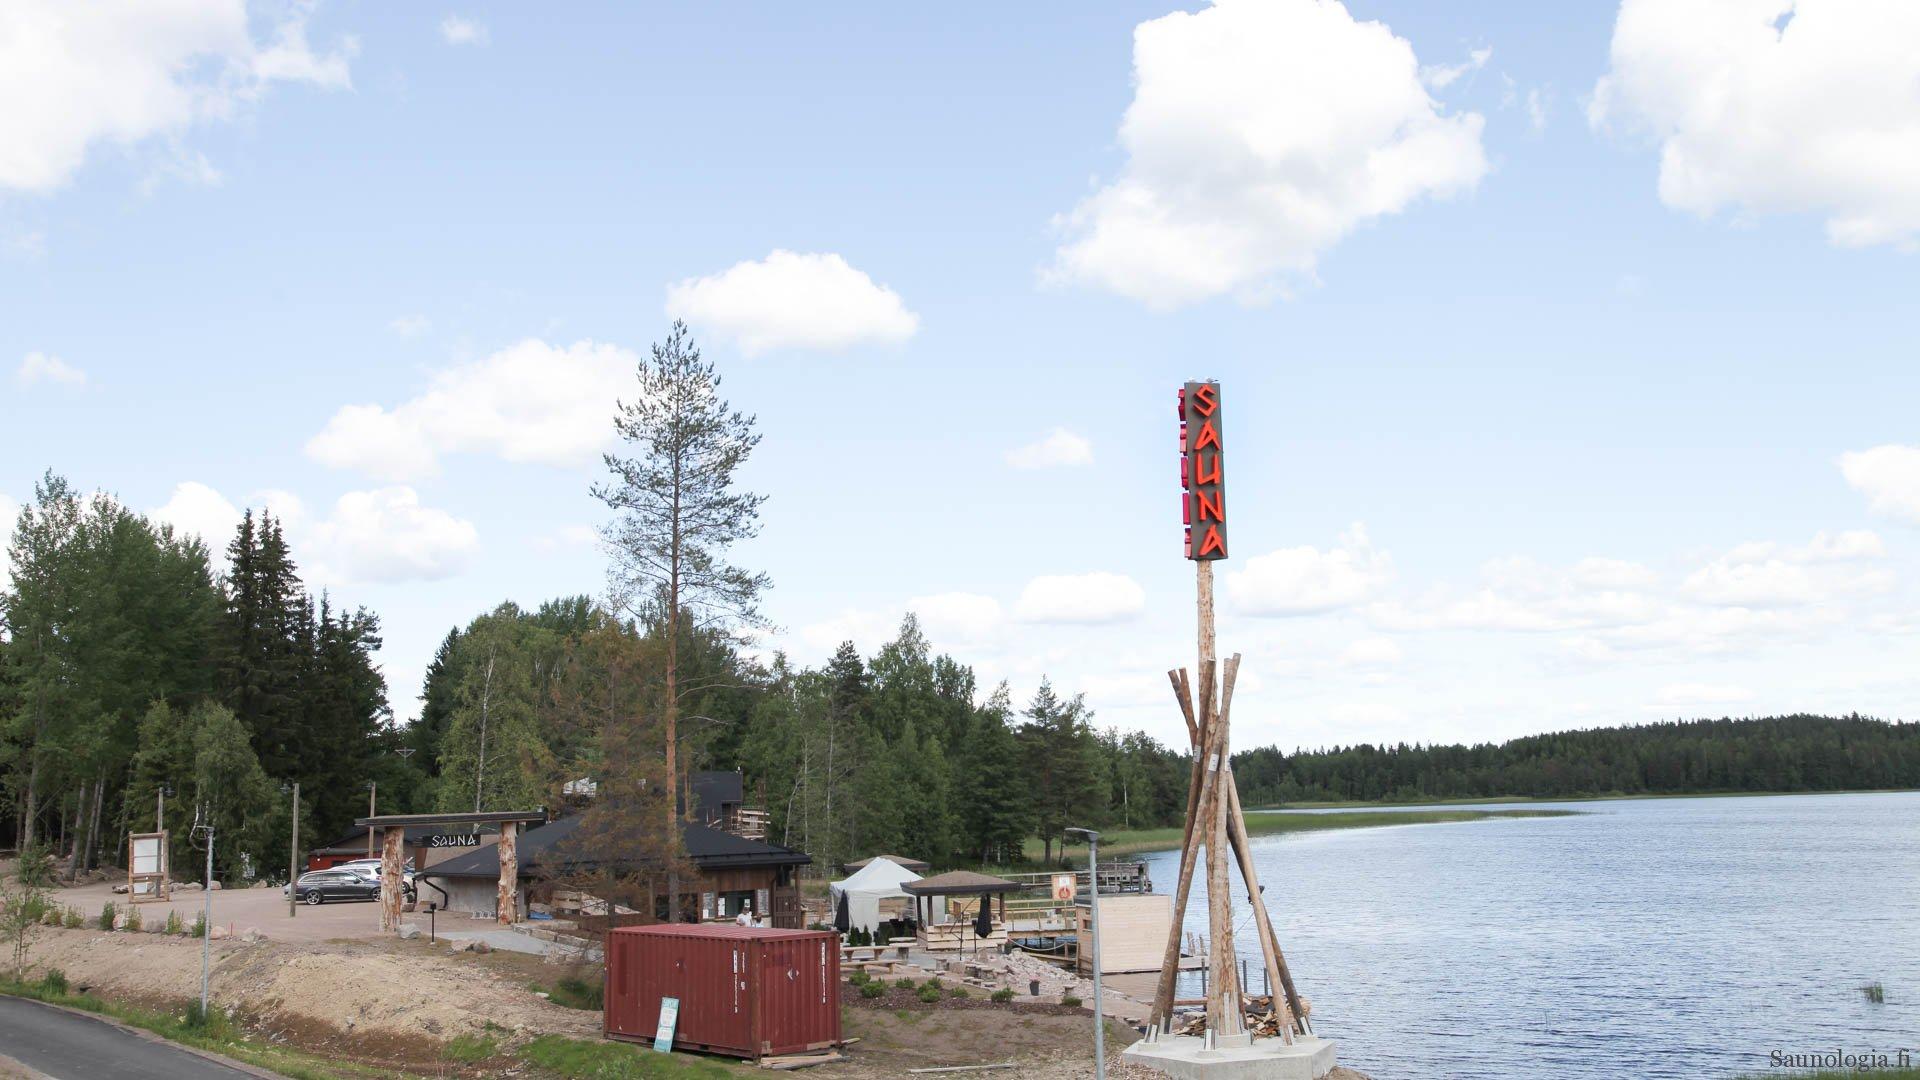 170831-tykkimaen-sauna-yleisnakyma